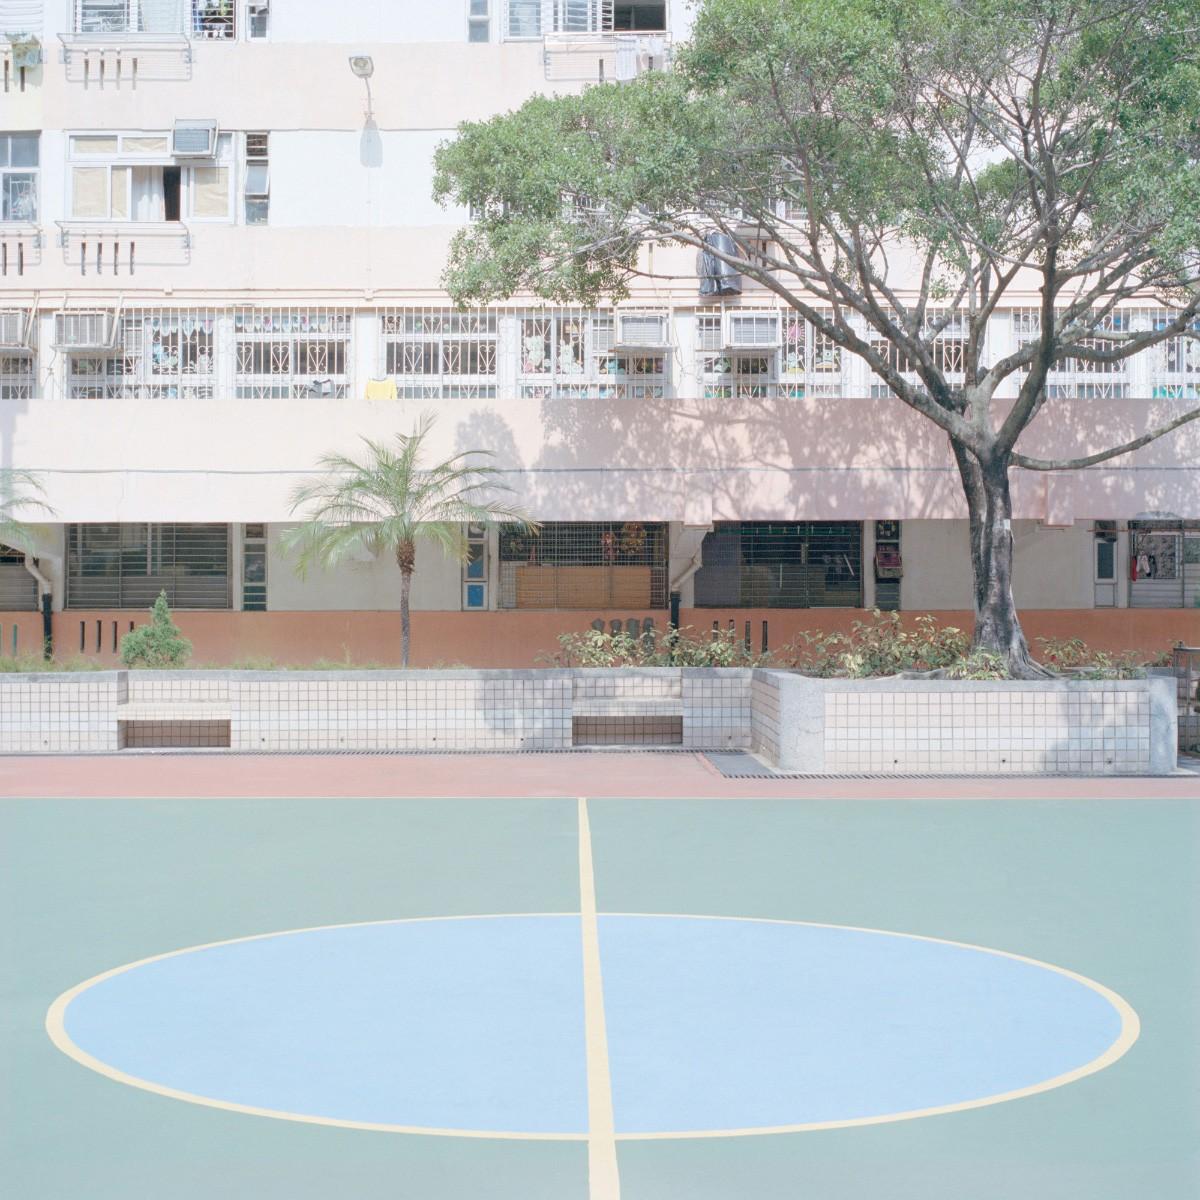 ward-roberts-courts-02.3-4e571baab949b1044c881aa210e2bcf5